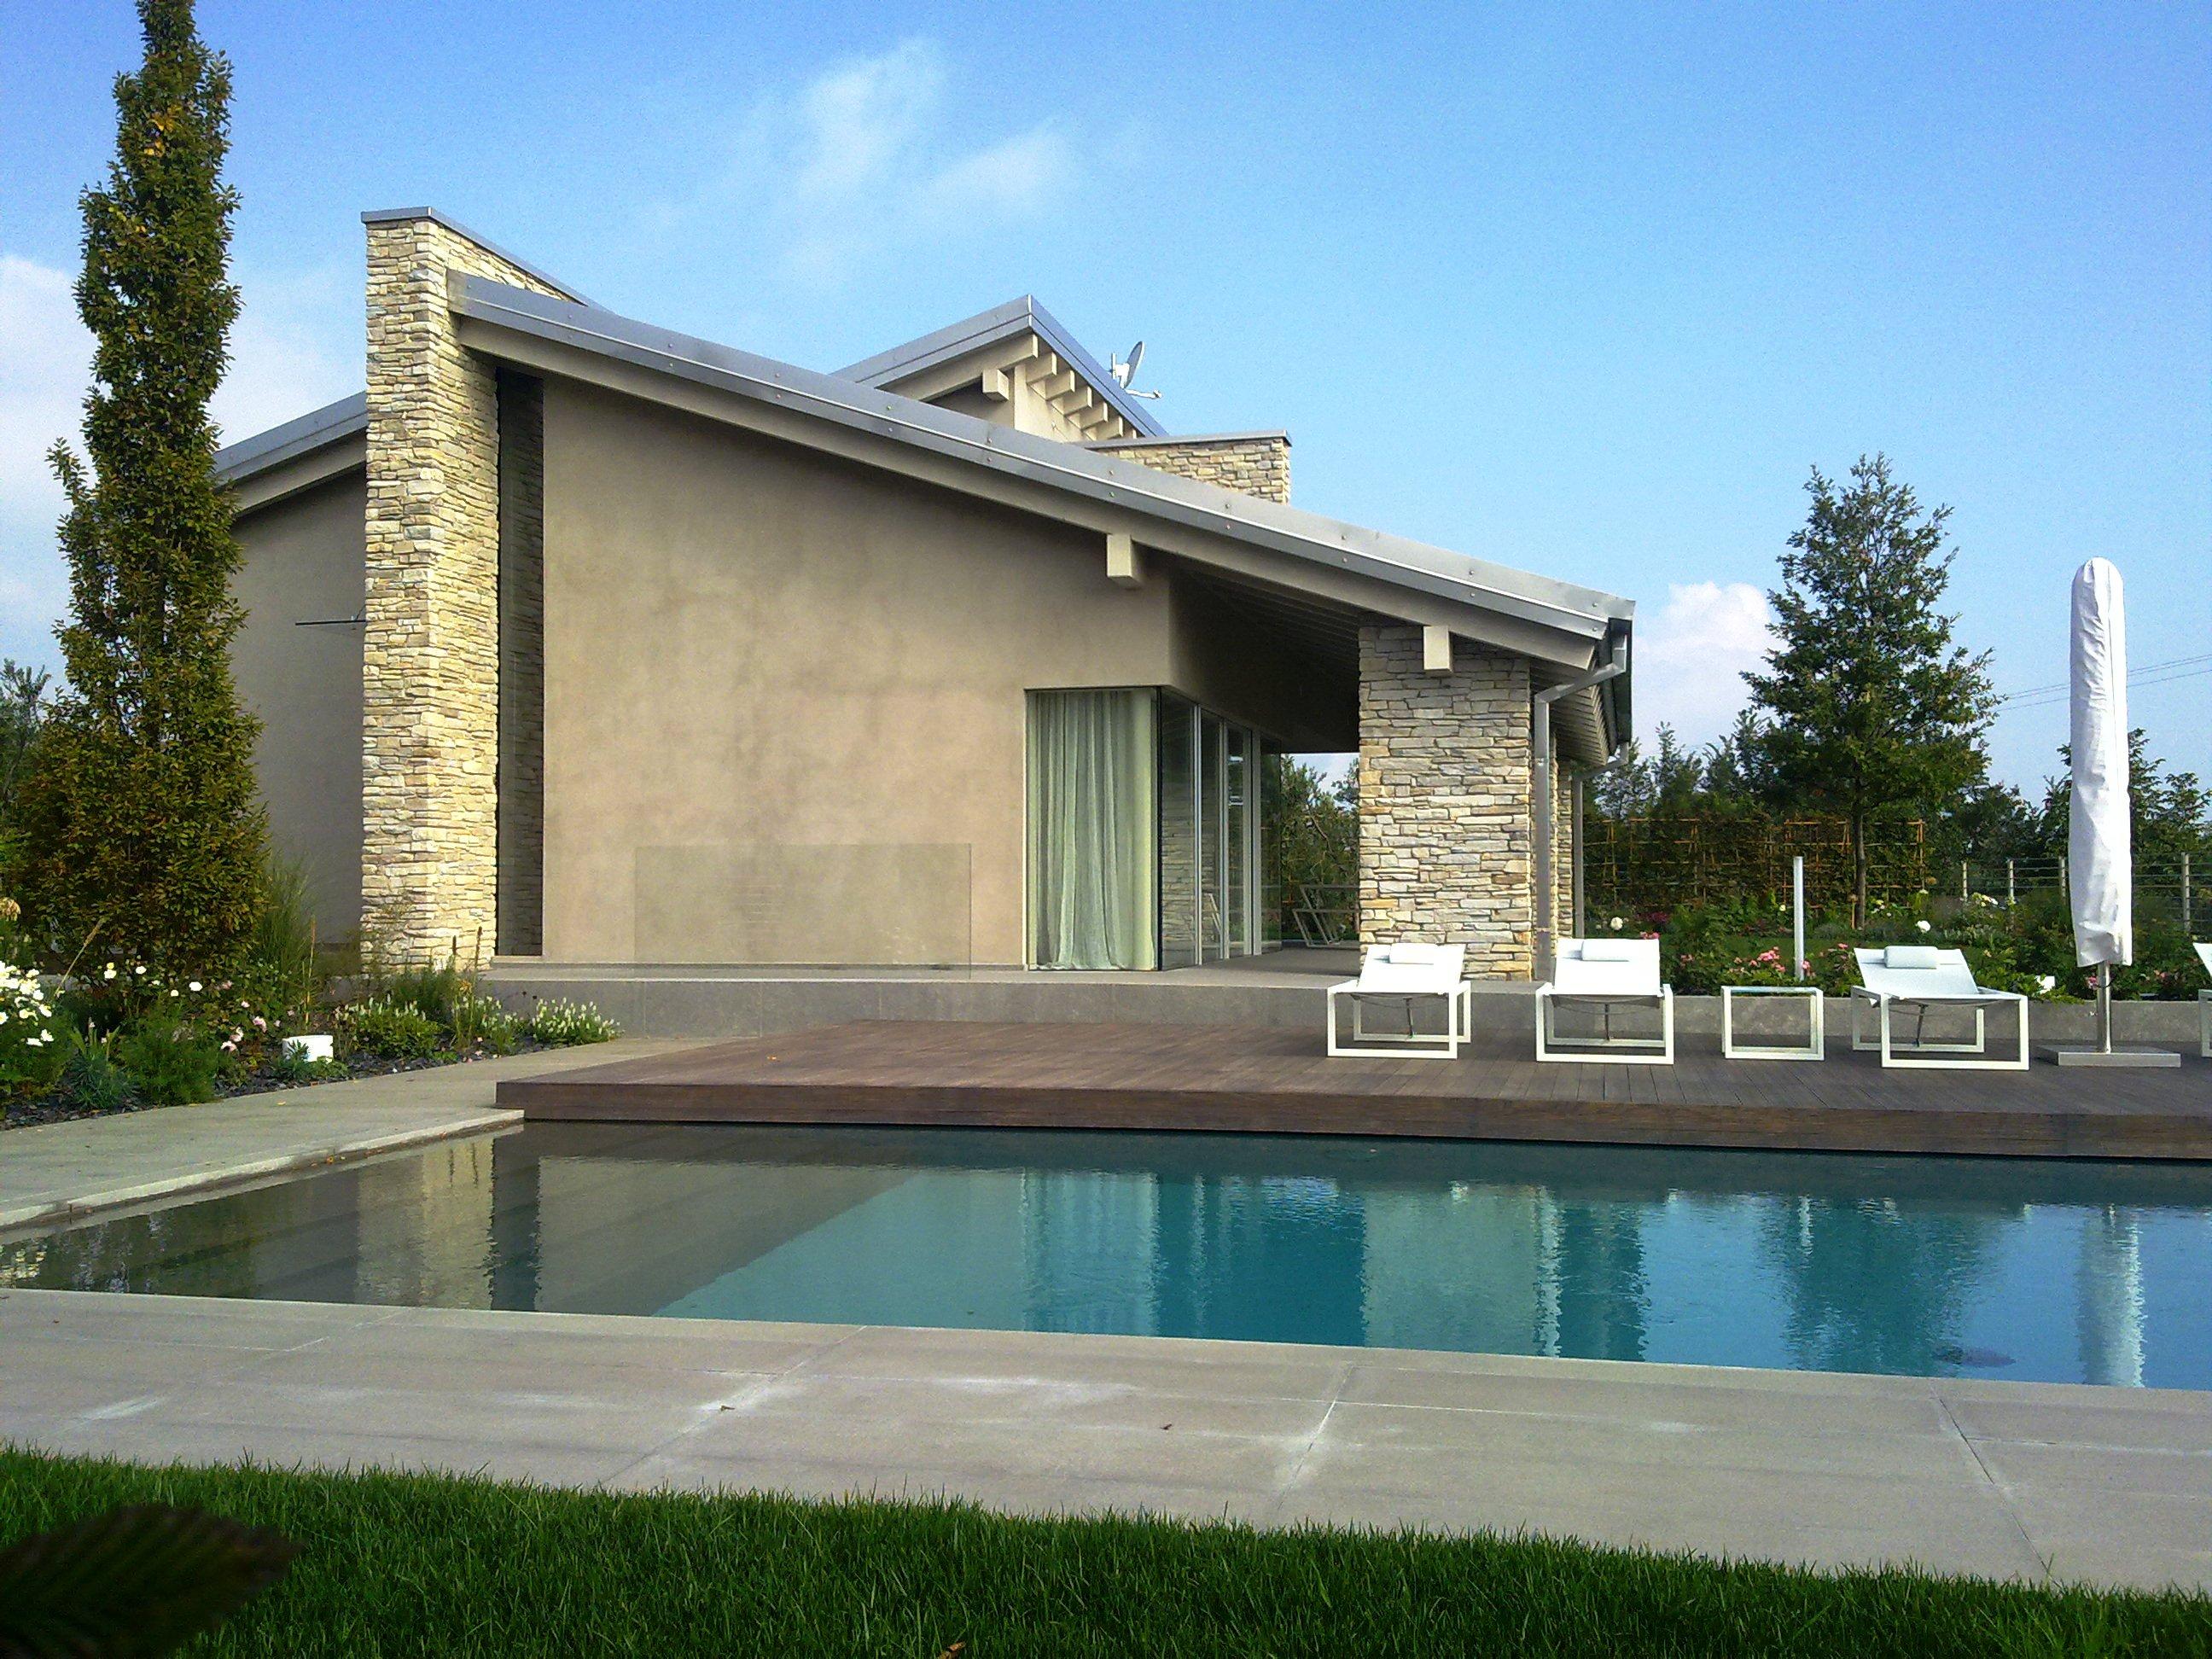 Casa passiva con piscina